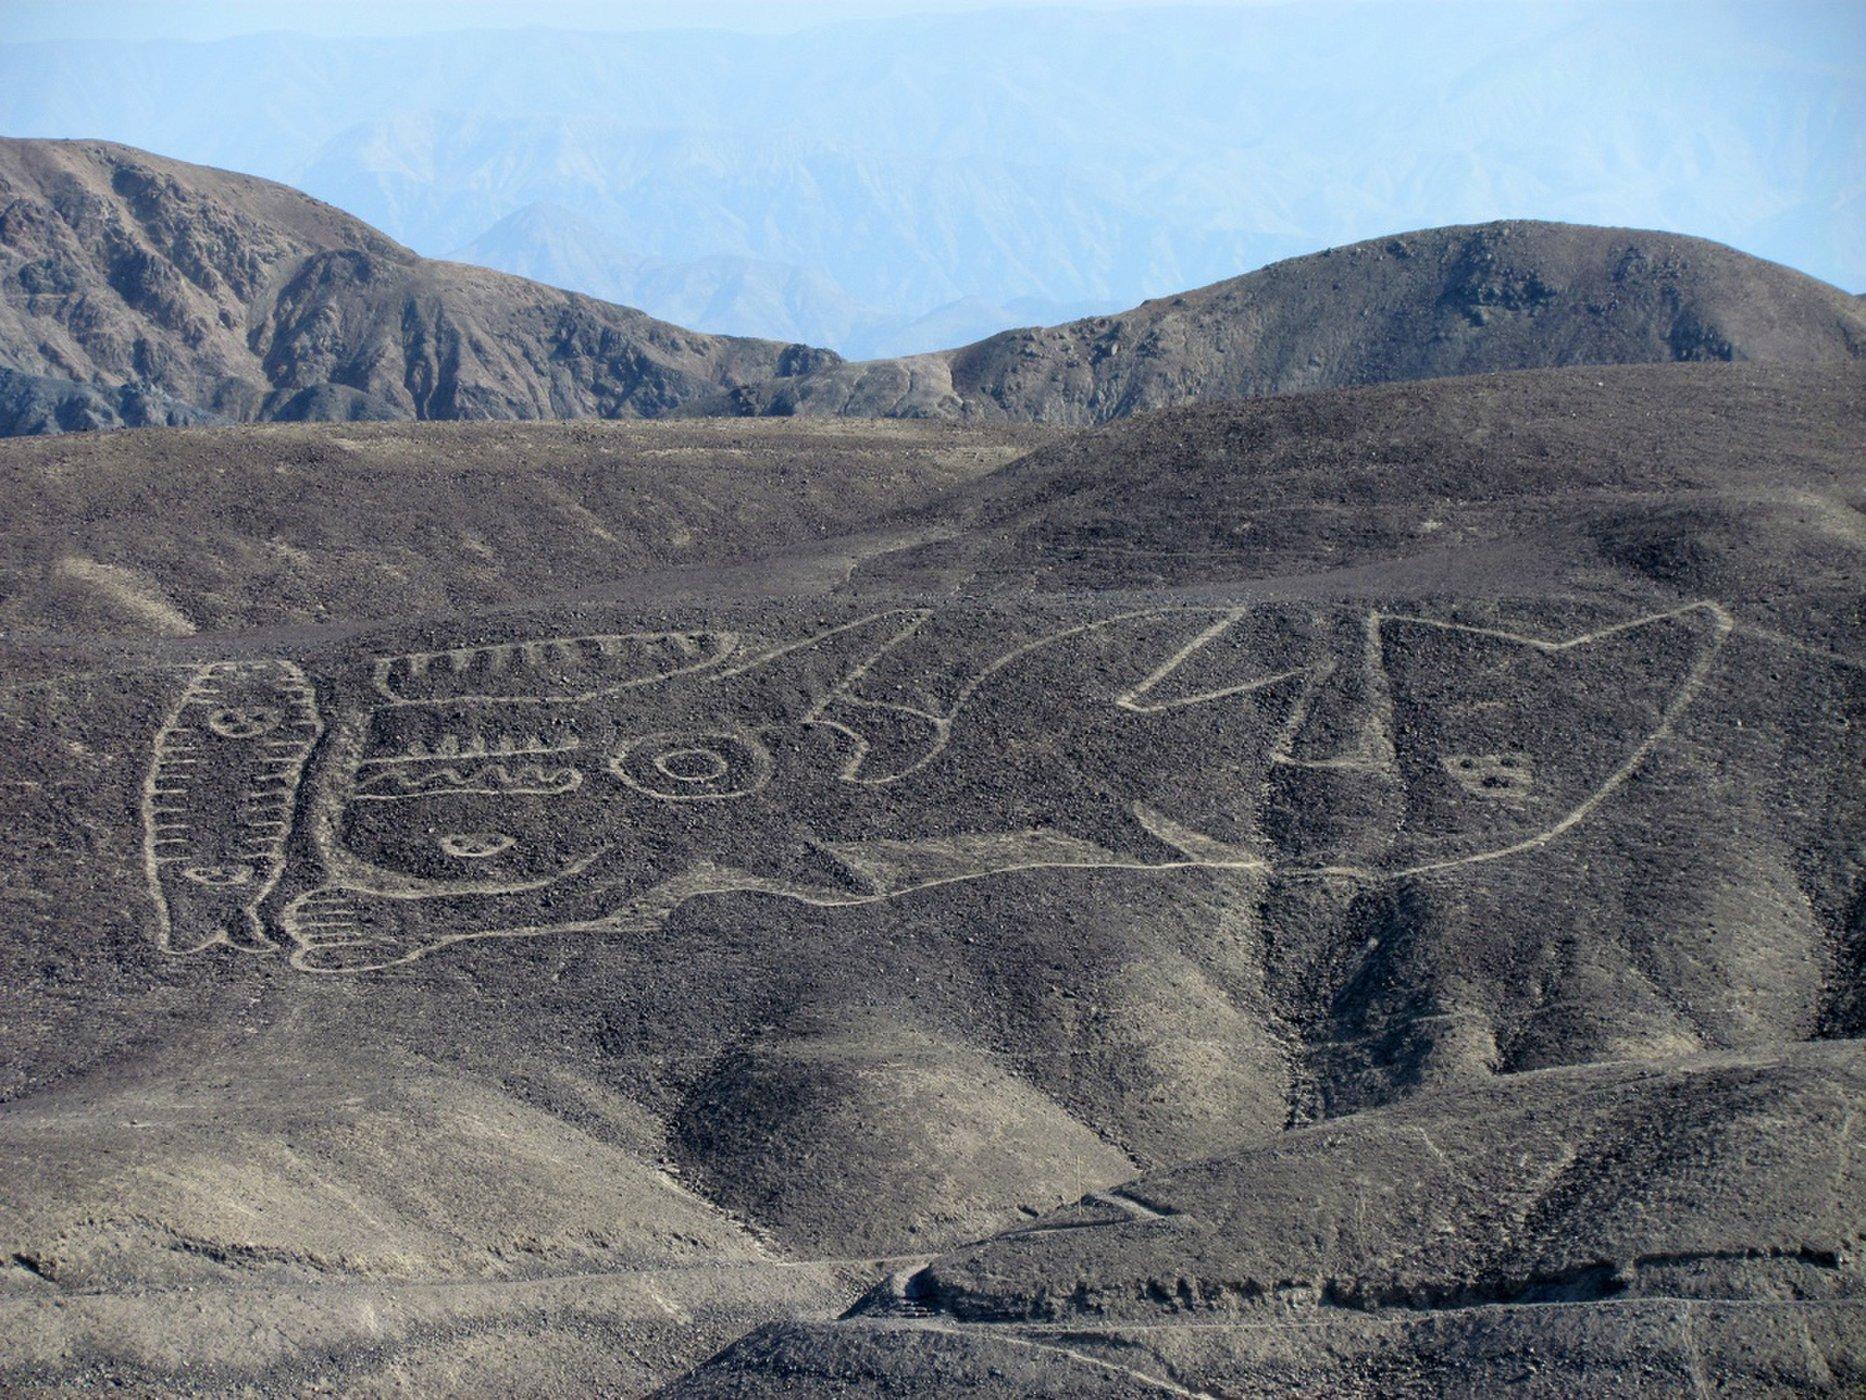 Reencuentran el geoglifo de una Orca en el desierto de Perú